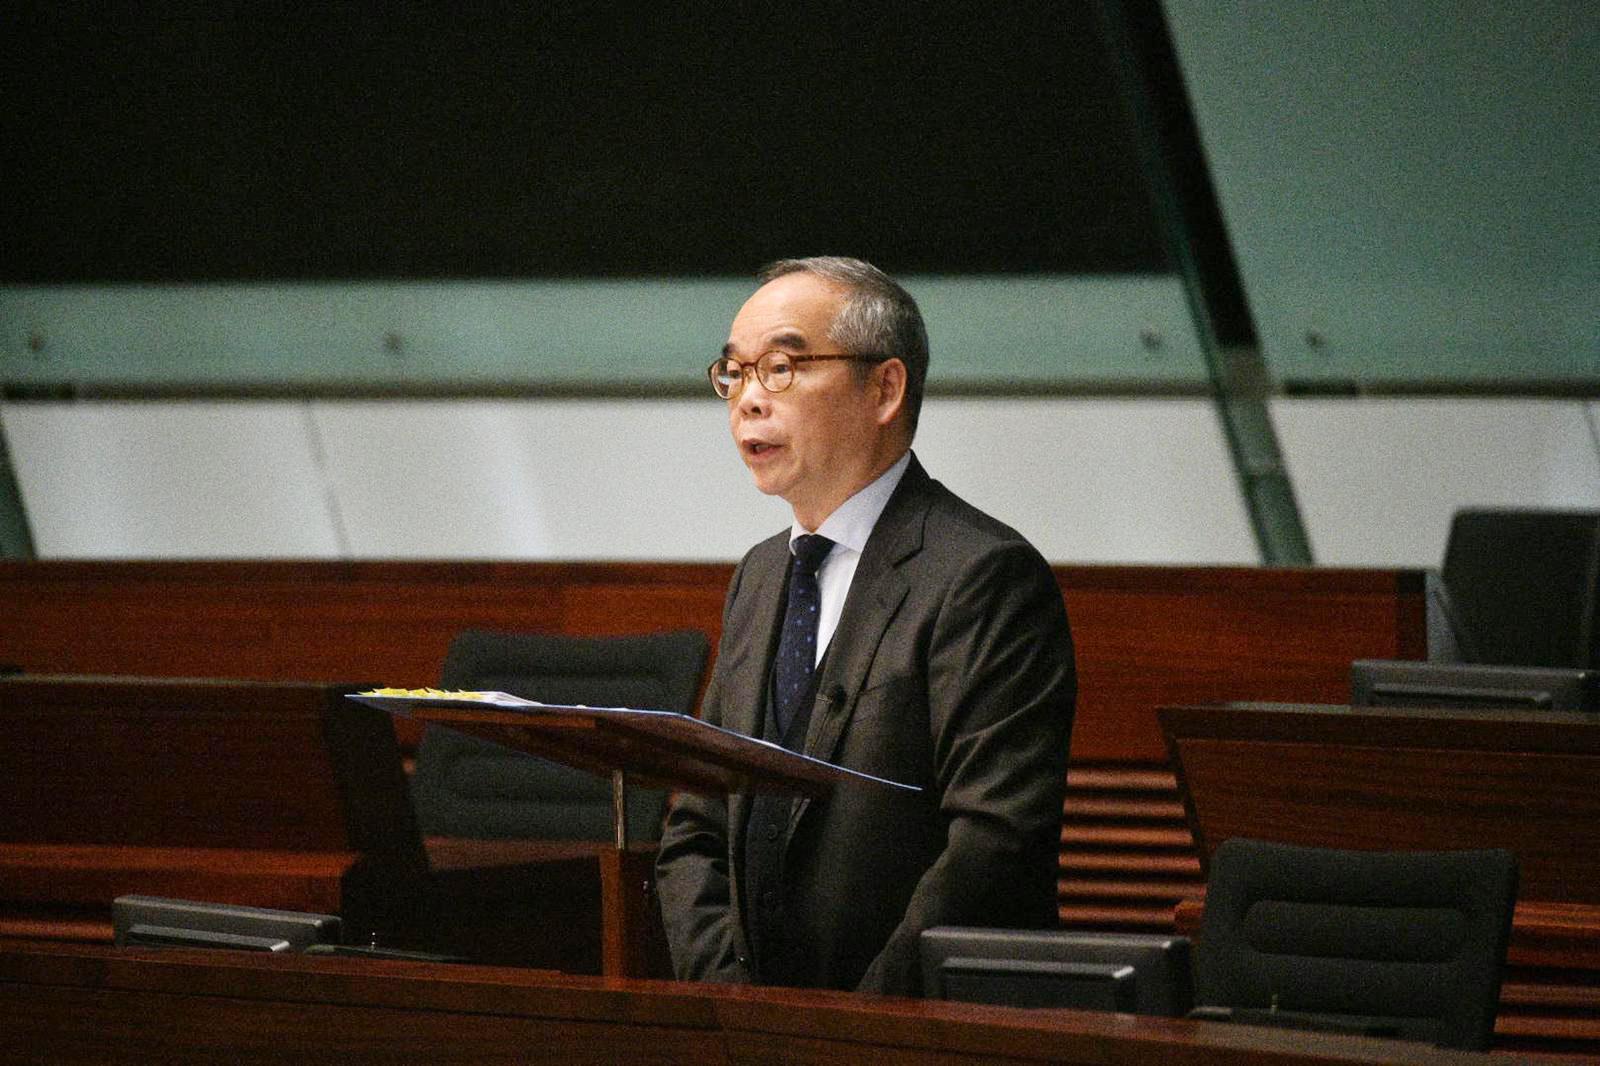 议员促交代制服团体涉非法公众活动投诉 刘江华:无相关资料